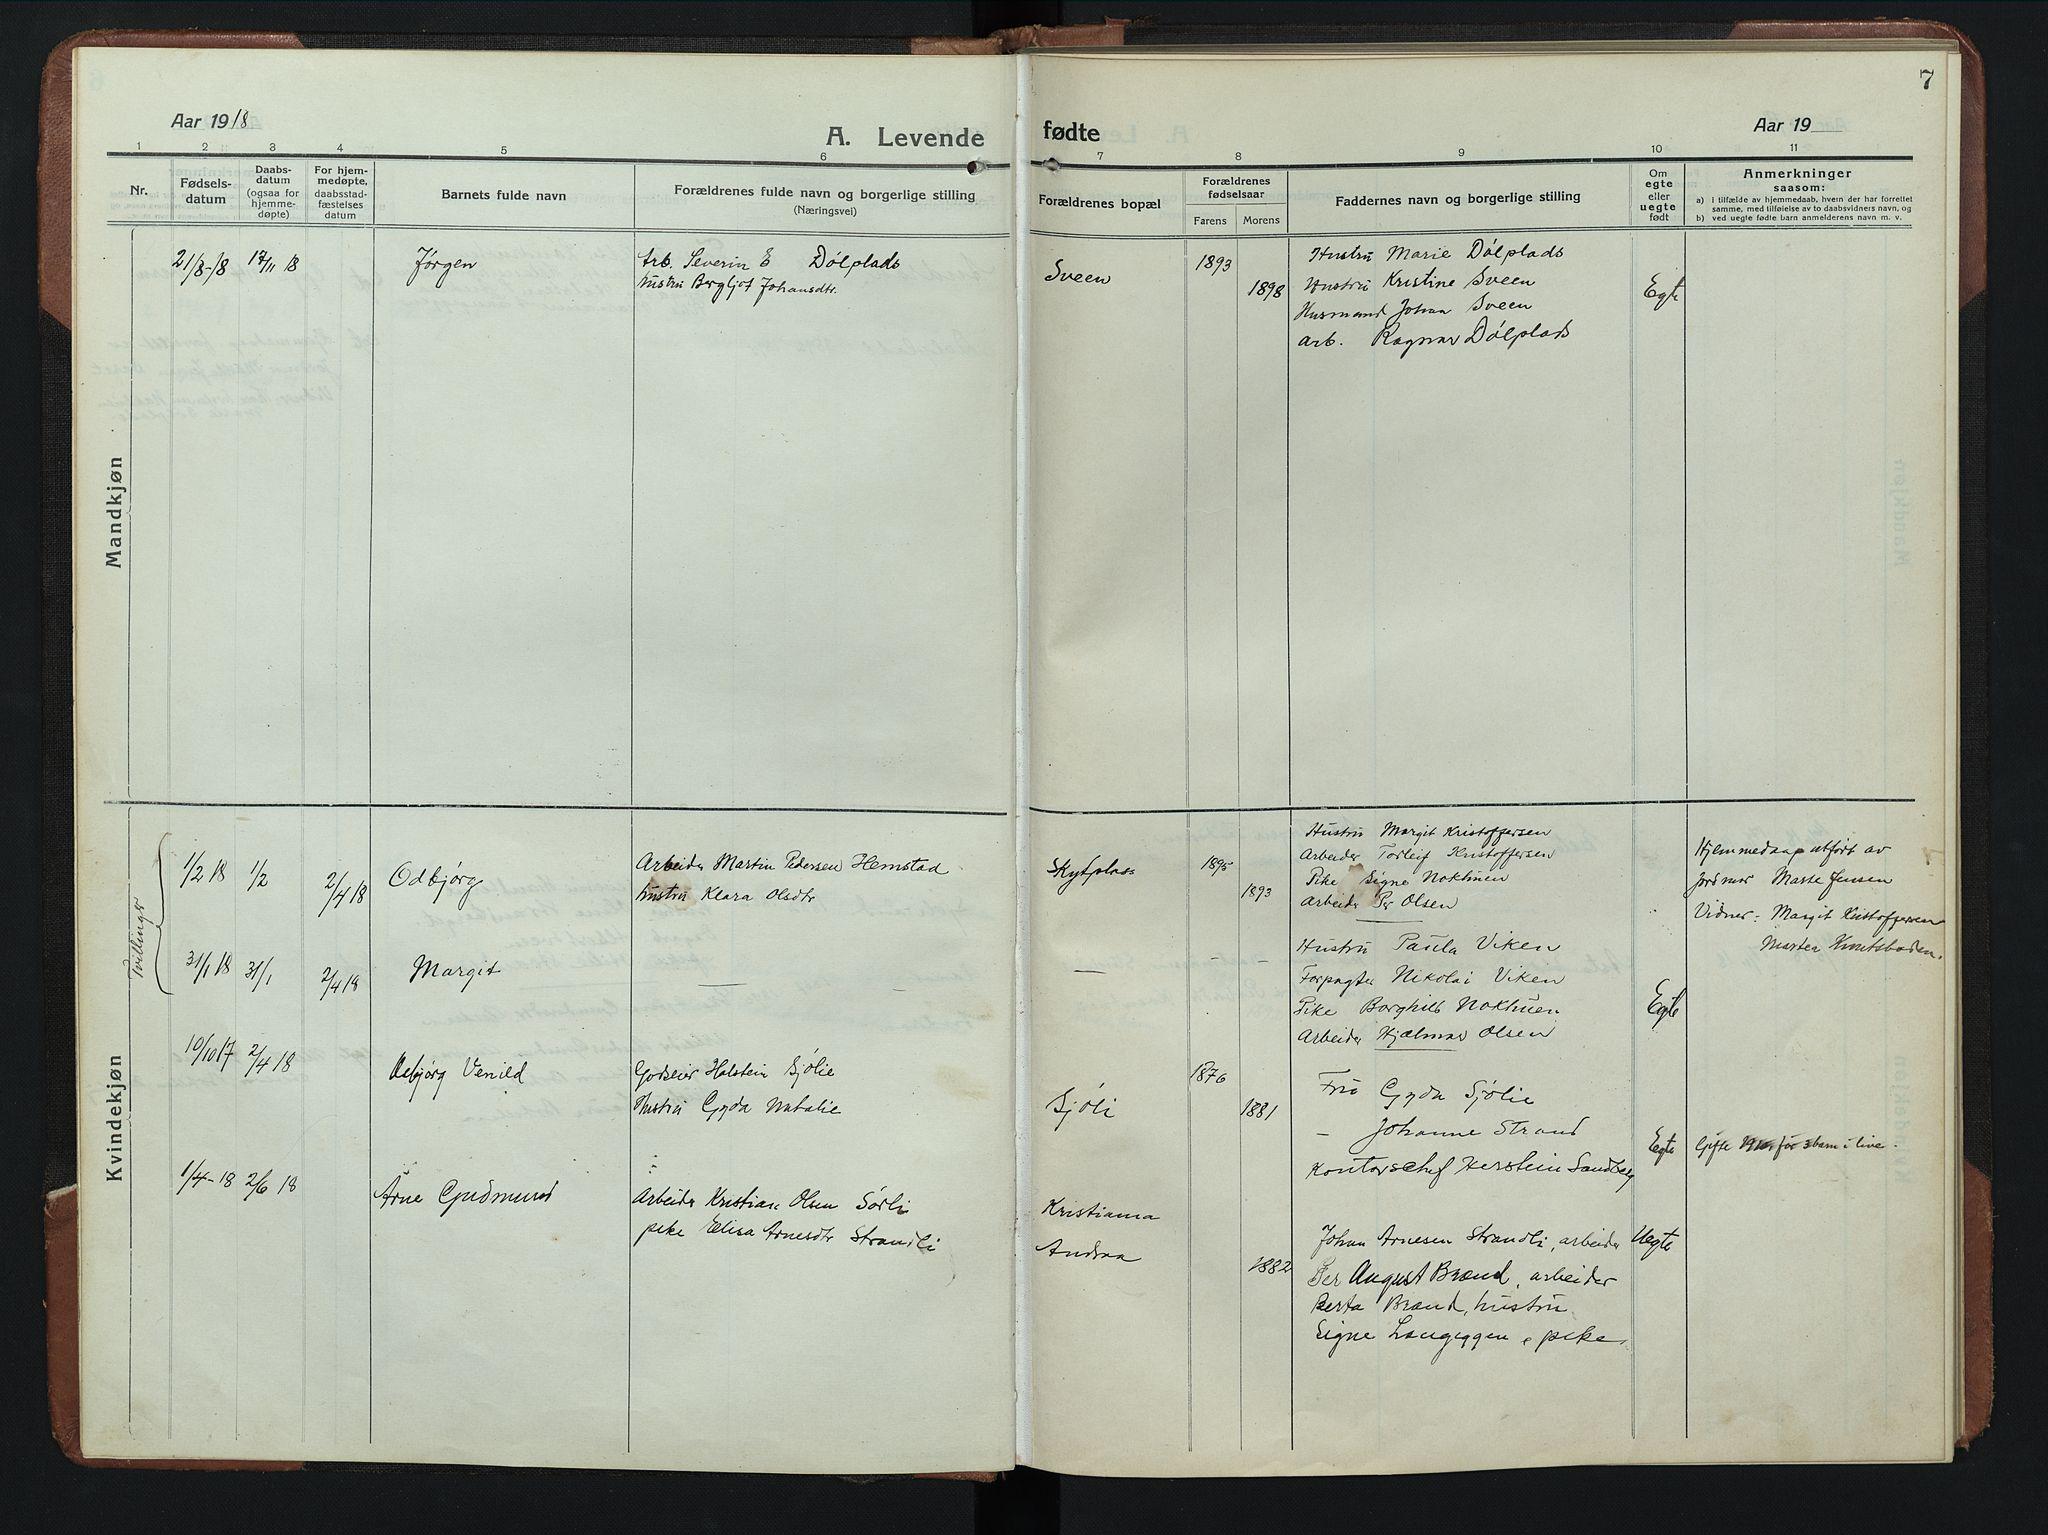 SAH, Rendalen prestekontor, H/Ha/Hab/L0008: Klokkerbok nr. 8, 1914-1948, s. 7